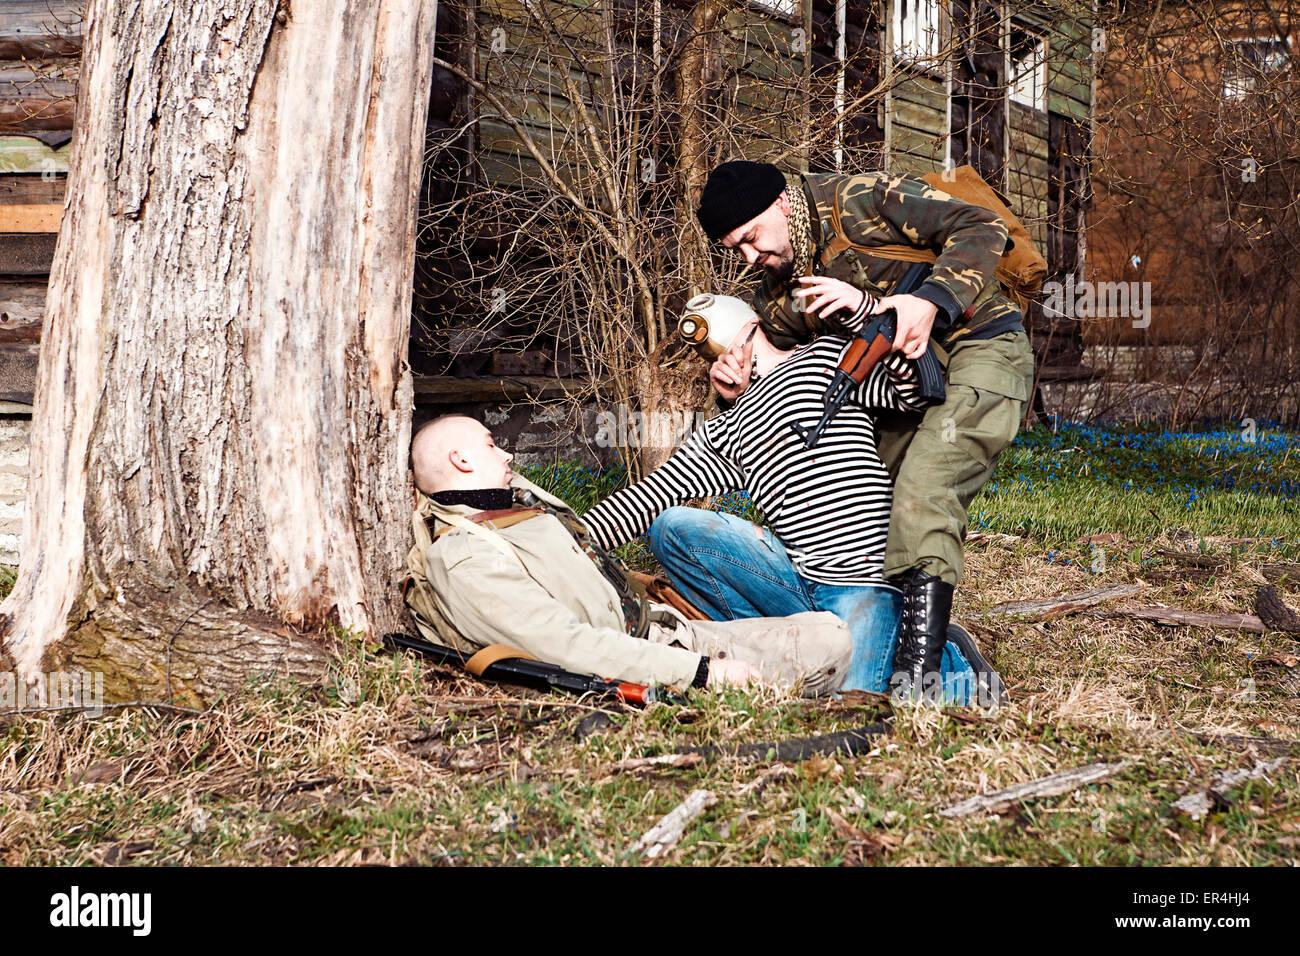 Wahnsinnige Zombie Tötung die der Soldat verwundet Stockbild